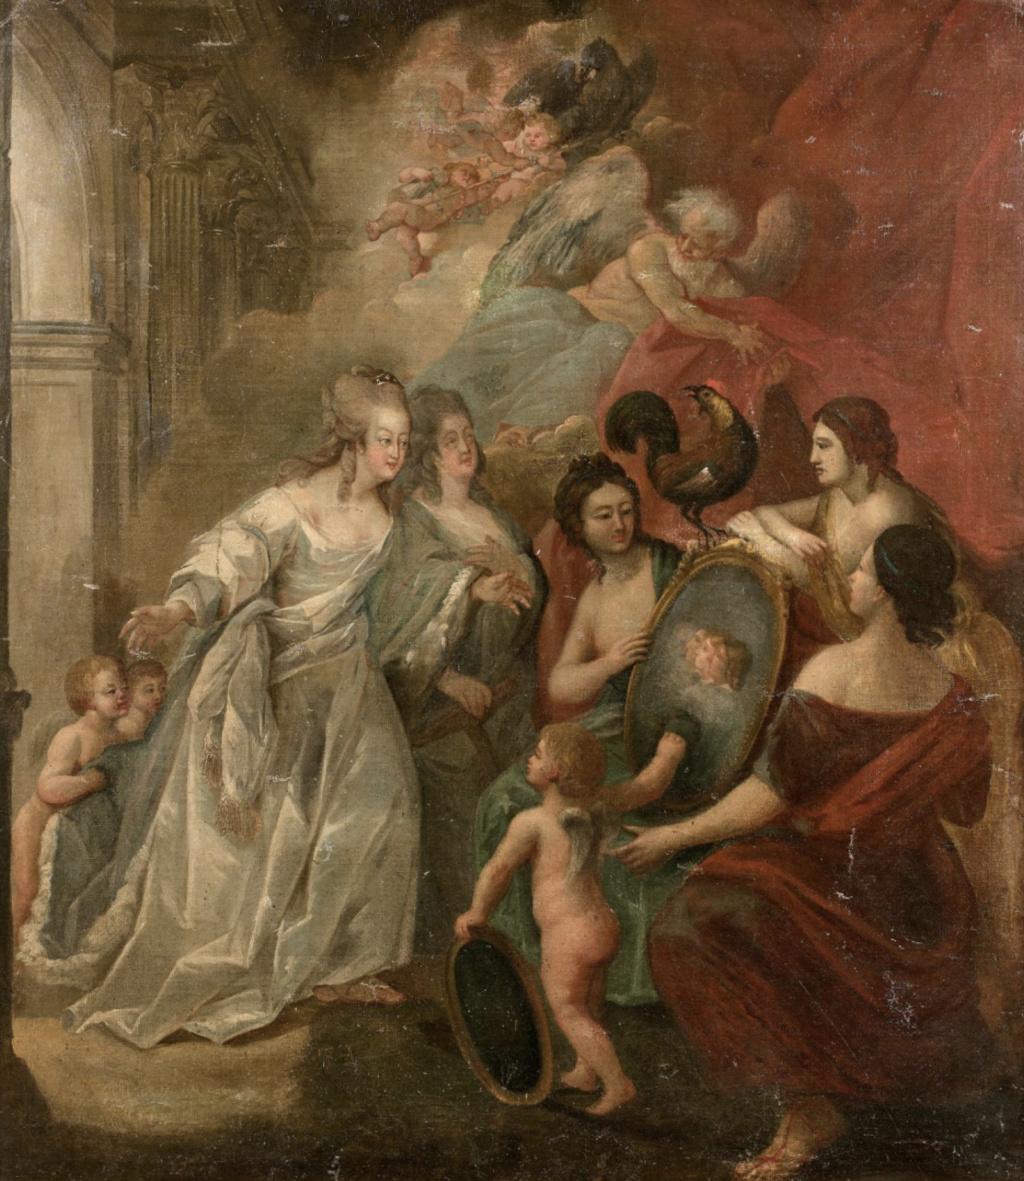 Portraits de Marie-Antoinette attribués aux Gautier Dagoty (ou d'après). - Page 3 Capt2166